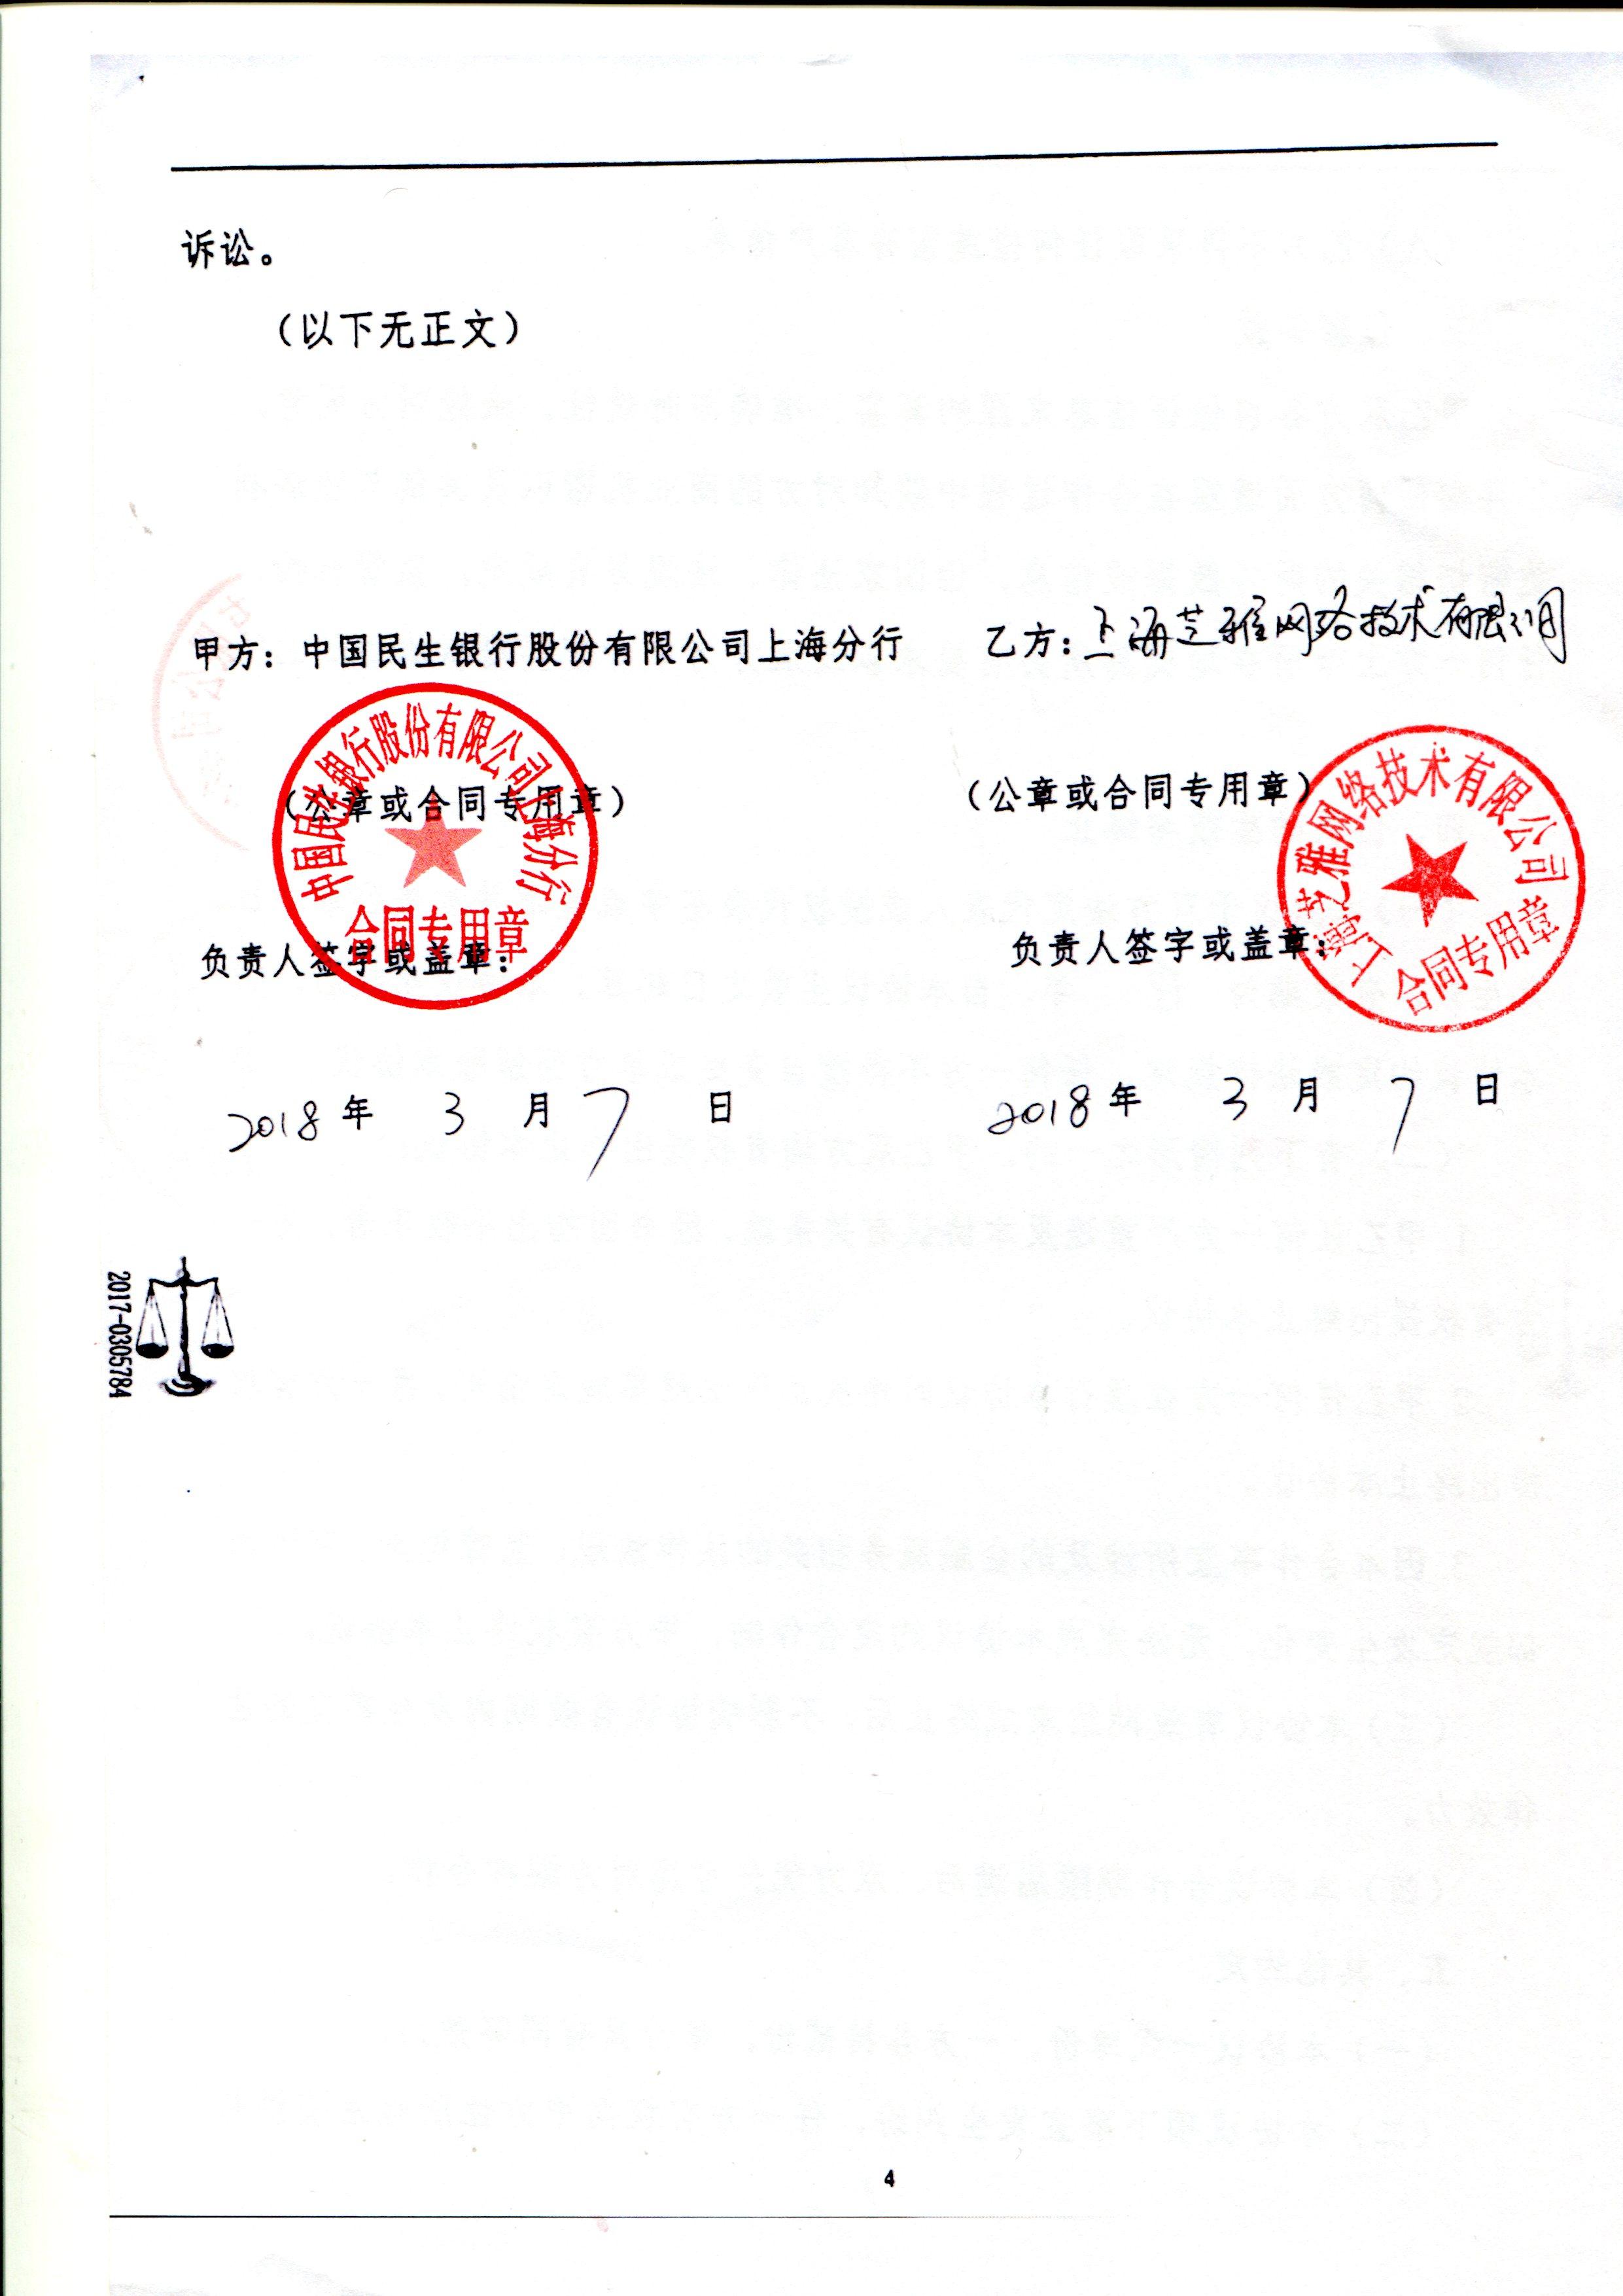 中国民生银行空中社区银行业务合作协议005.jpg